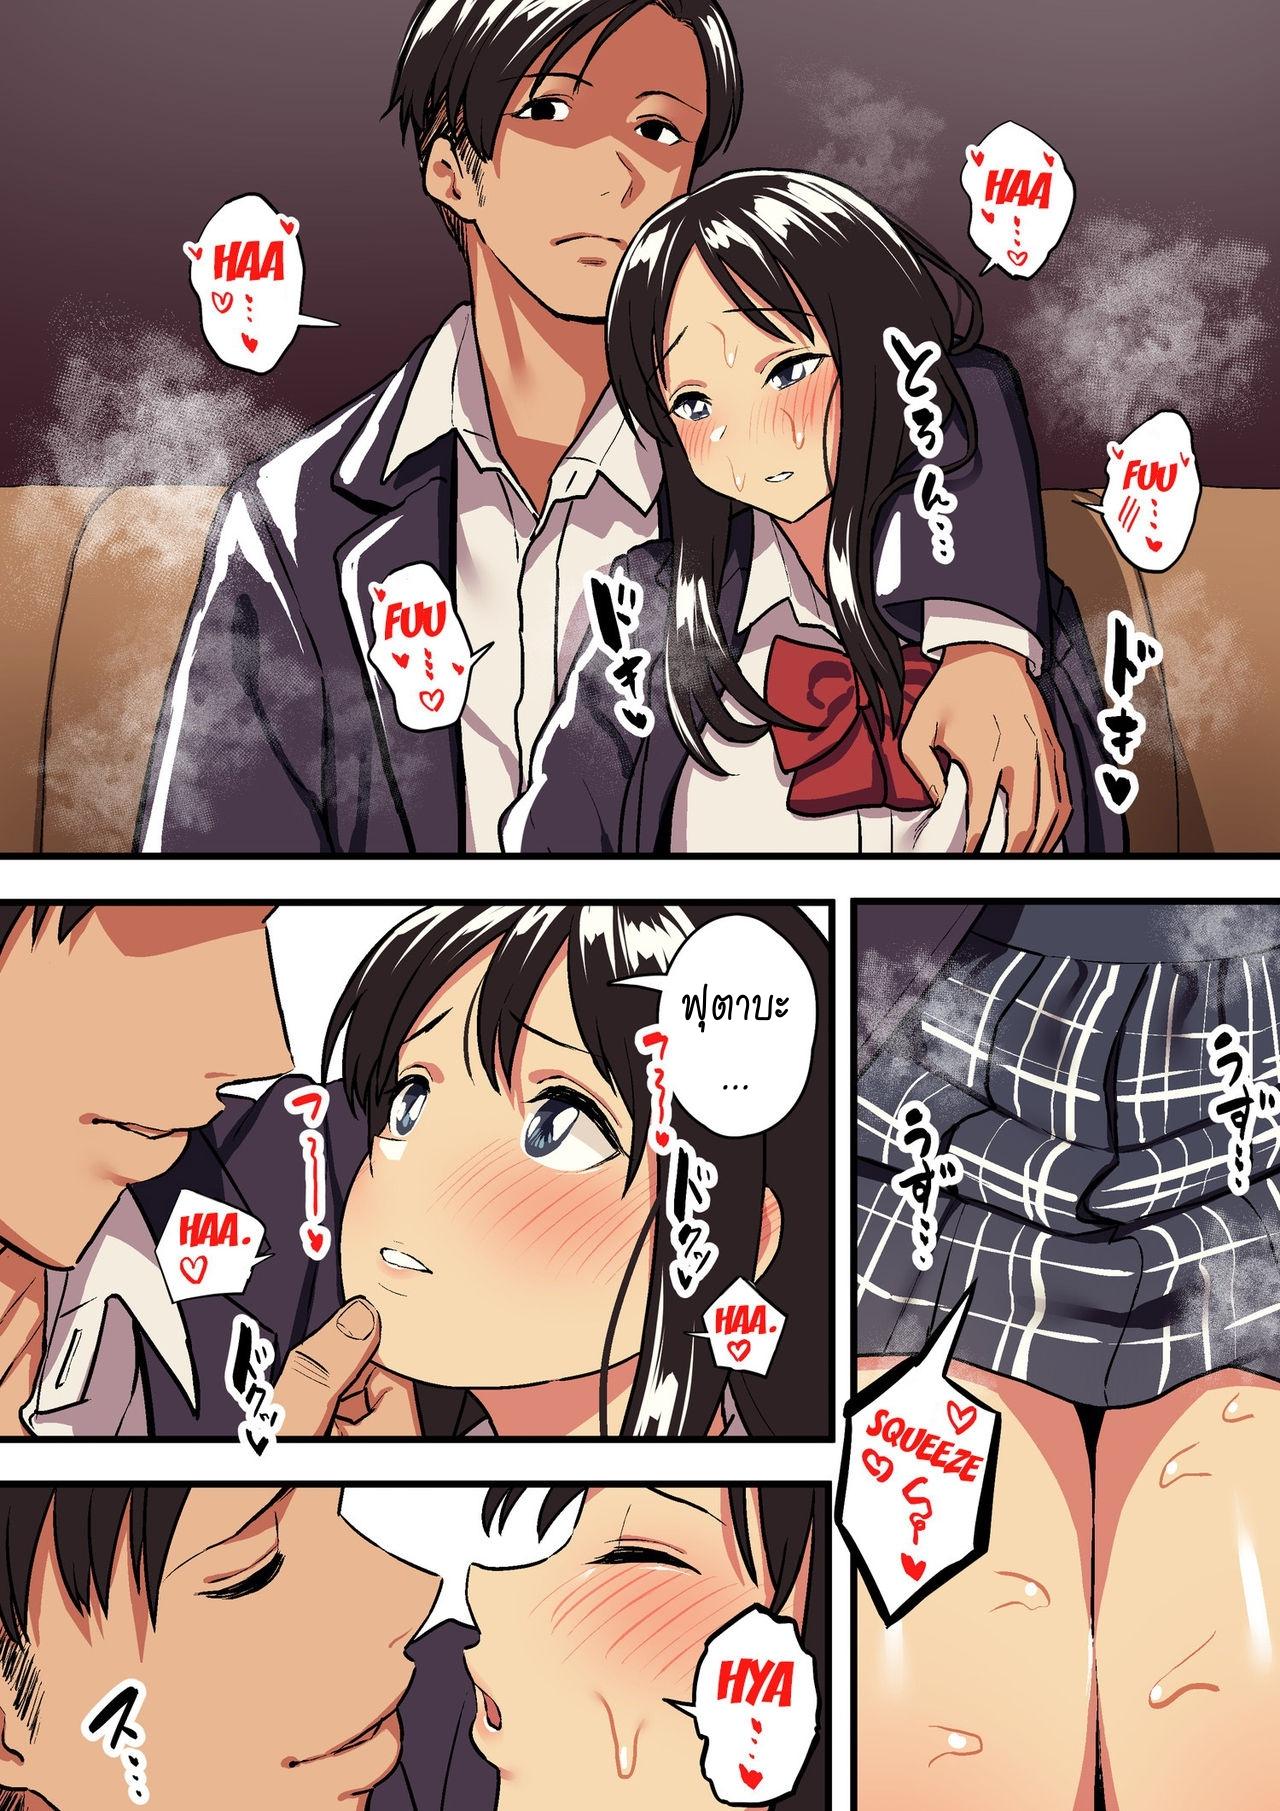 รักแท้ ดูแลไม่ได้ 2 ภาพ 4